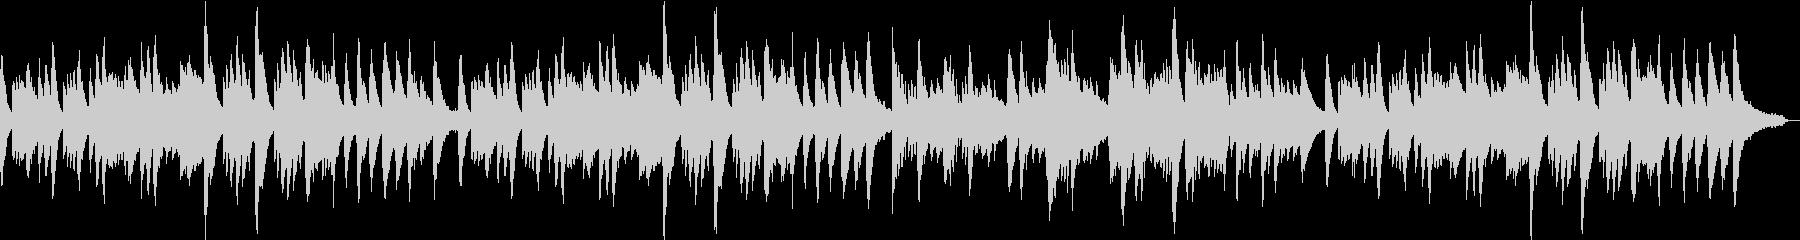 ほのぼのしたピアノソロの未再生の波形